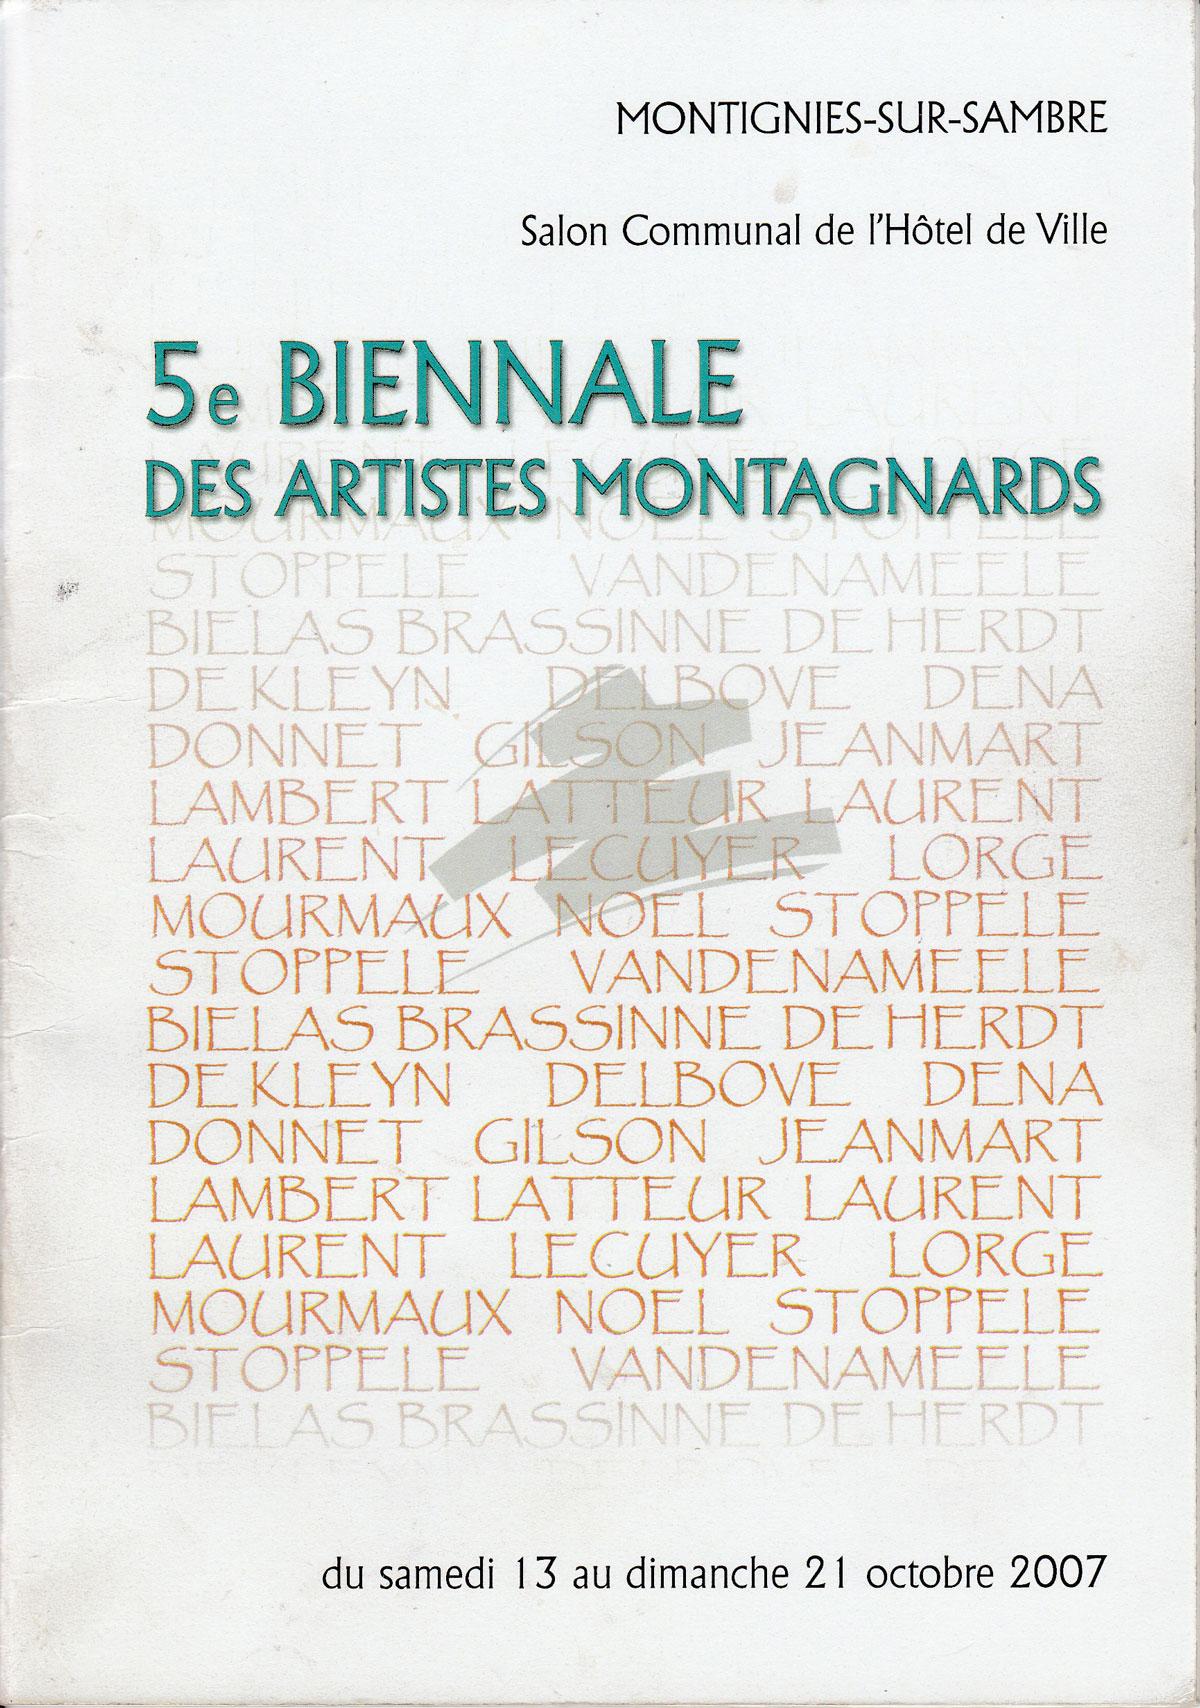 5ème Biennale des Artistes Montagnards